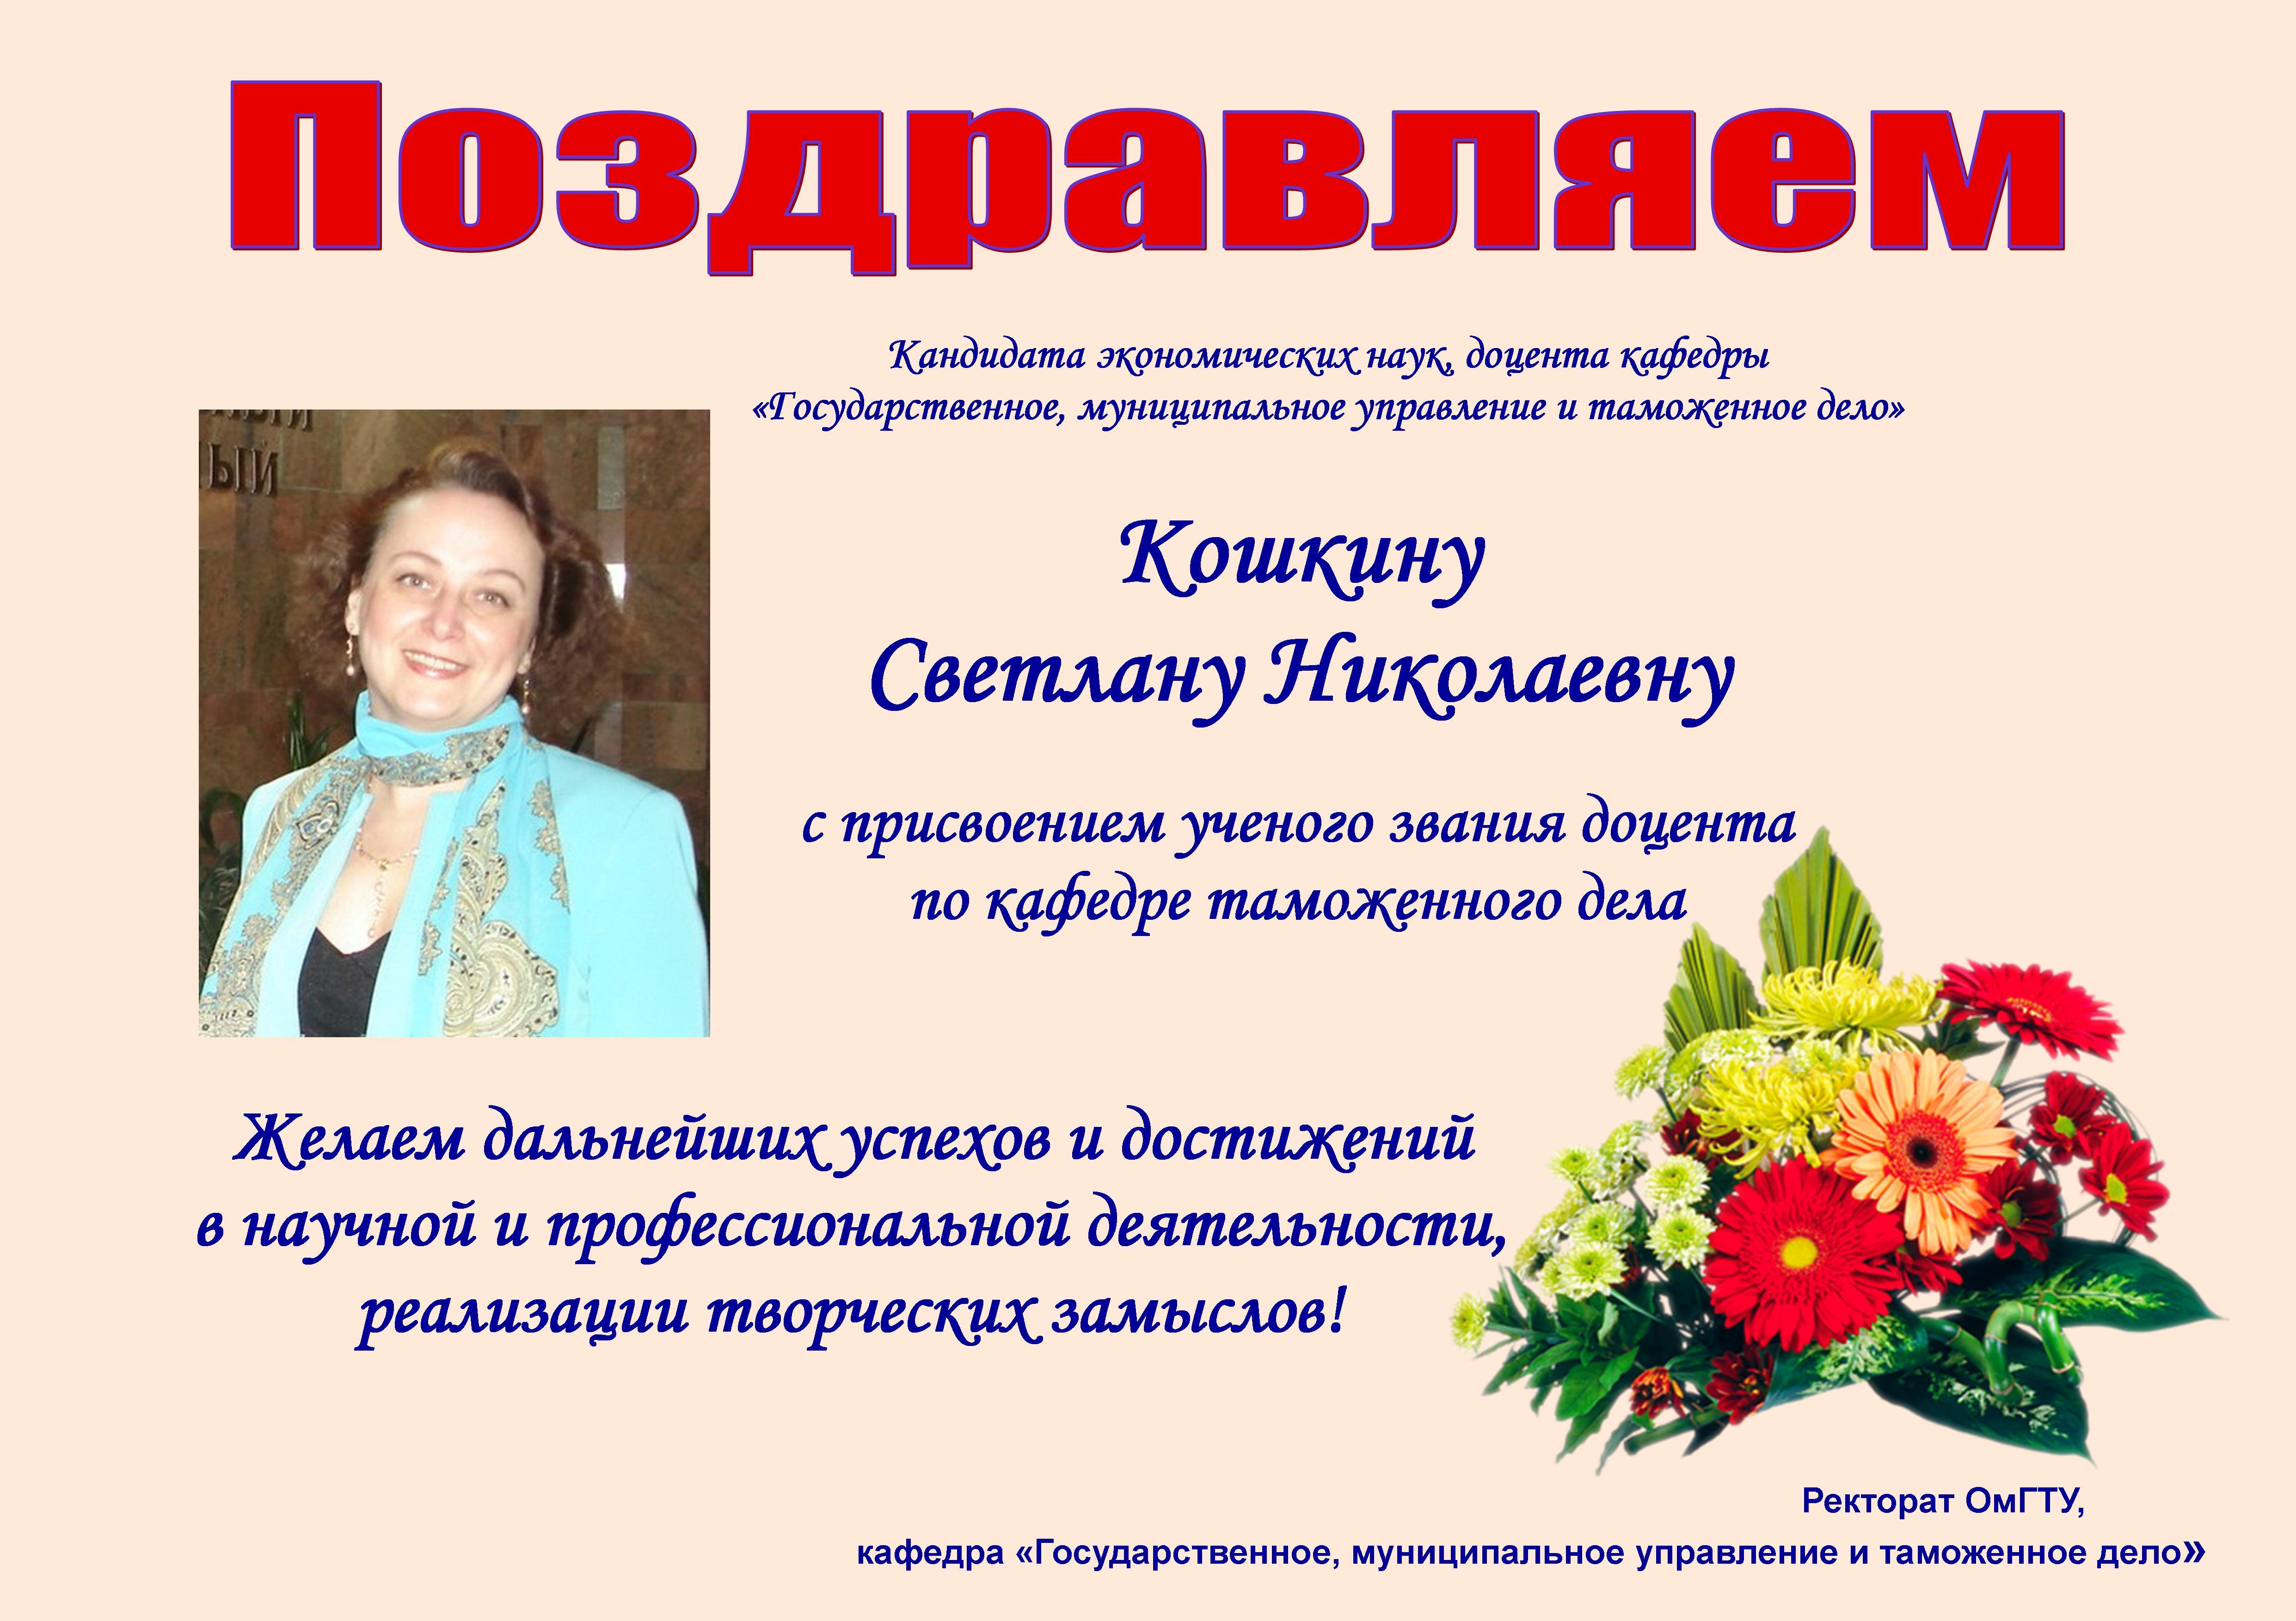 Поздравления от кандидата